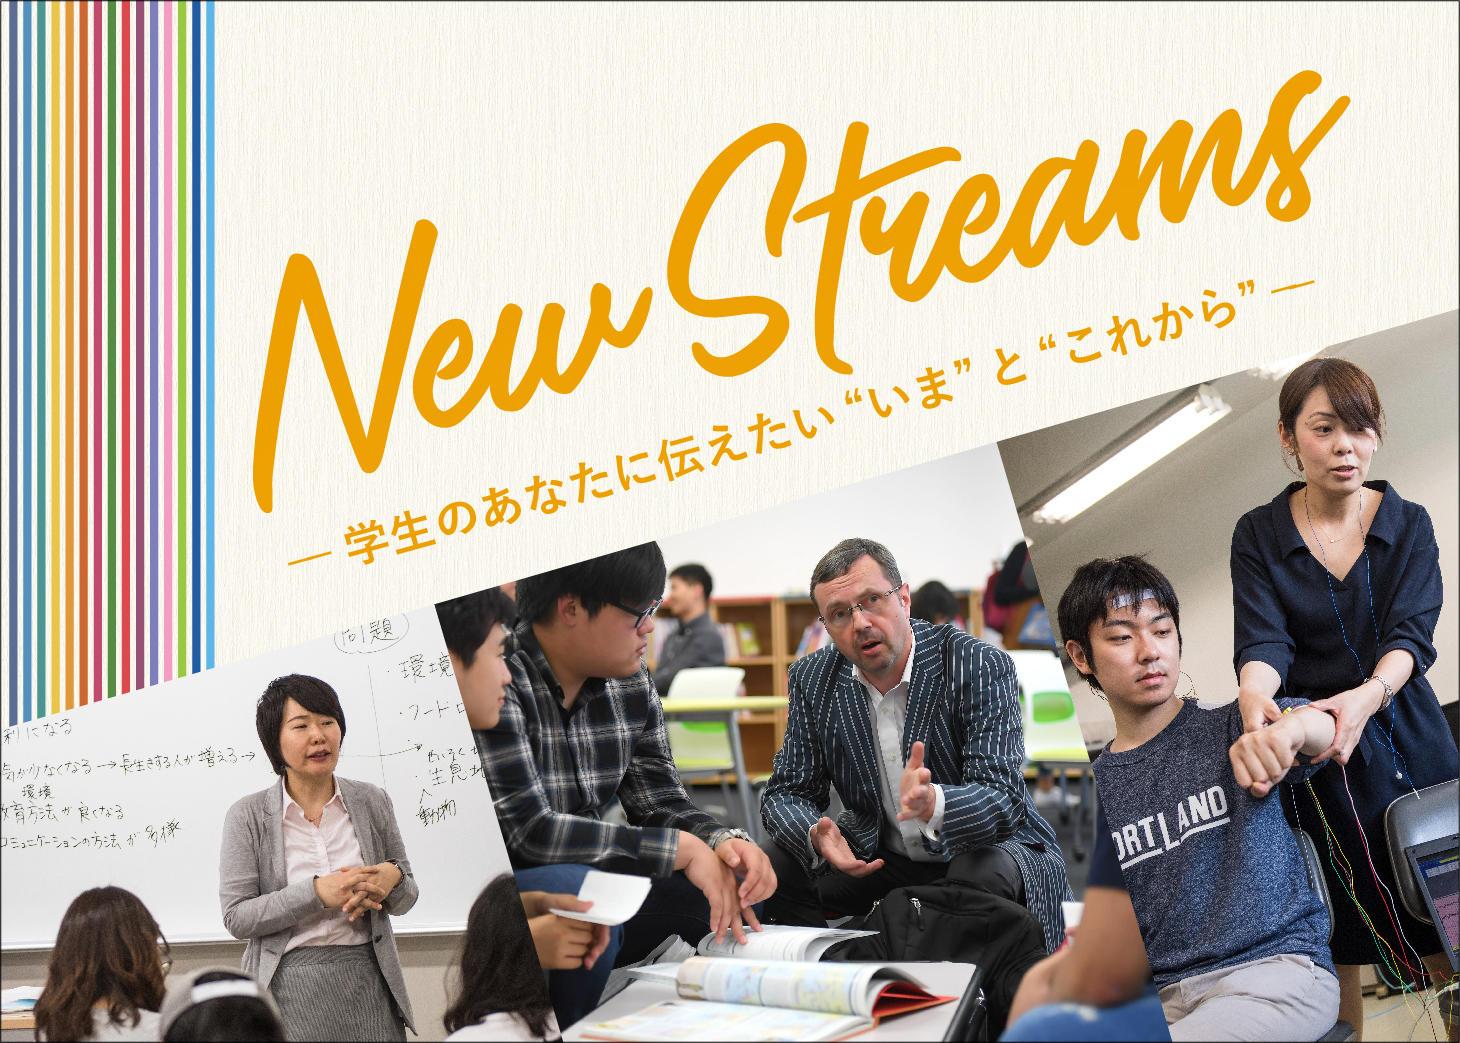 教員が研究者の視点で私たちの ''いま''と''これから''を読み解き、Withコロナ社会を生きる学生に向けたインタビュー連載企画「New Streams」スタート -- 立命館大学